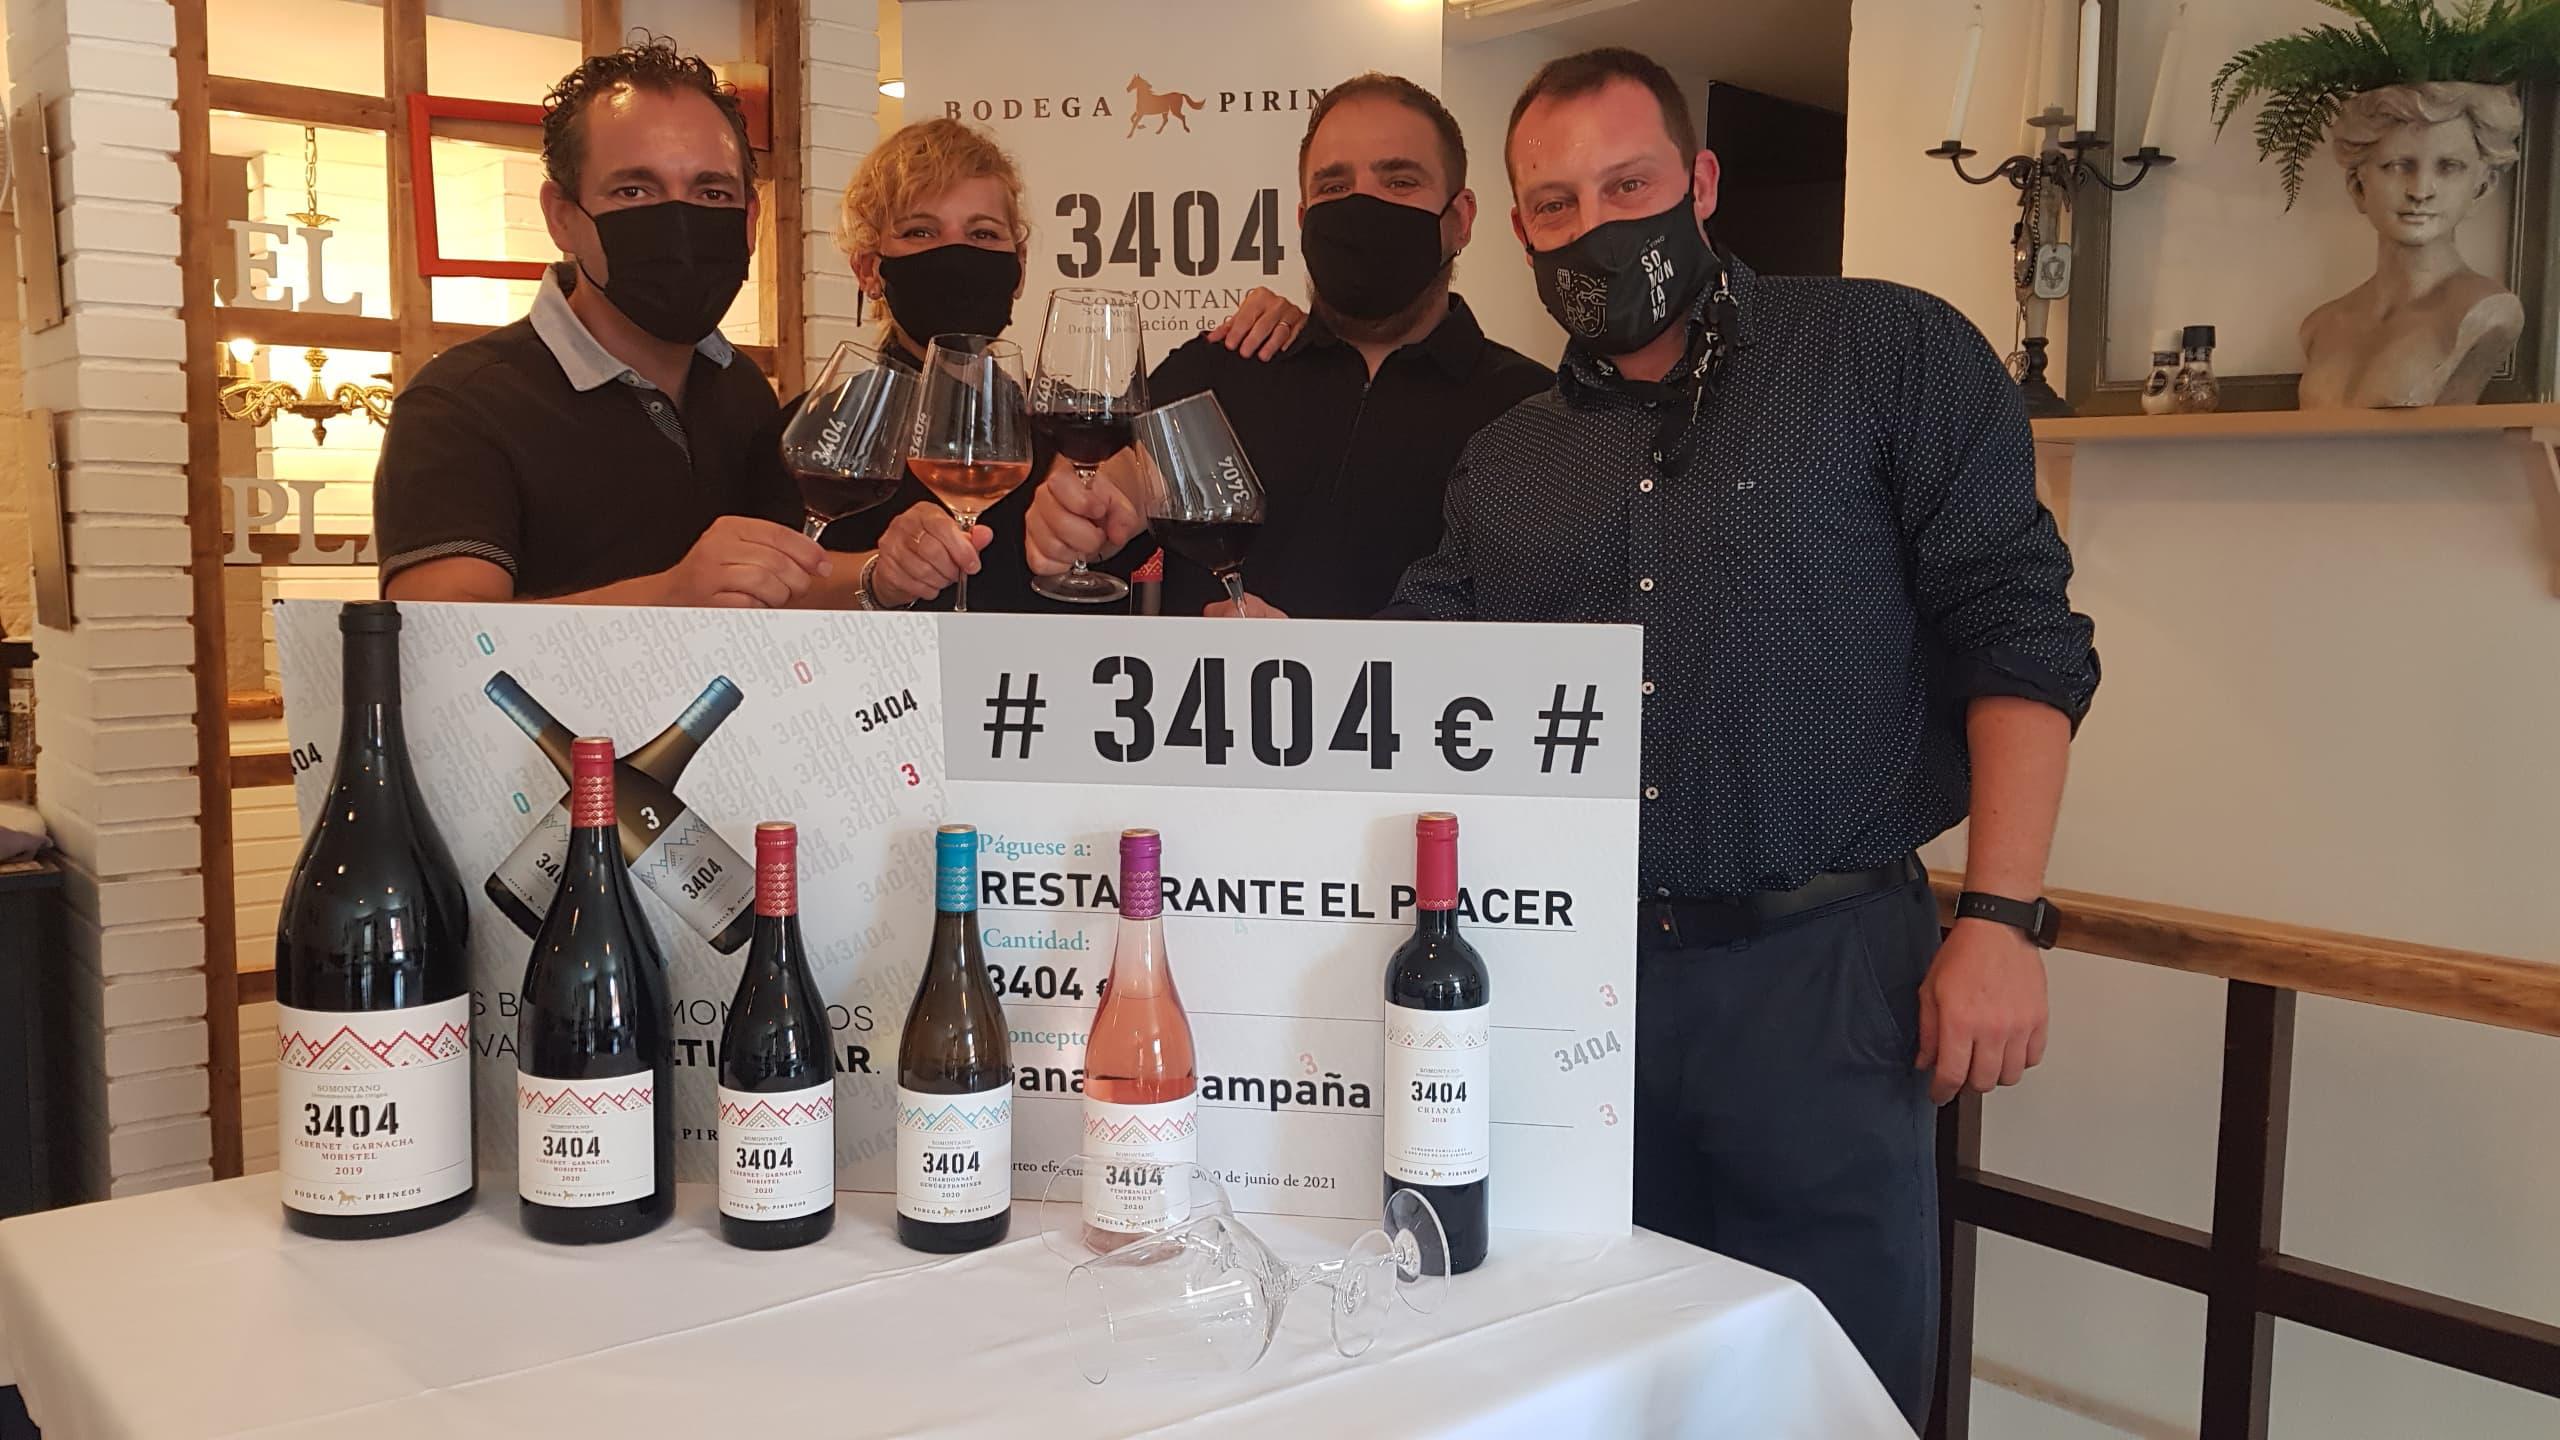 Bodega Pirineos reconoce el compromiso de la hostelería con 3404€